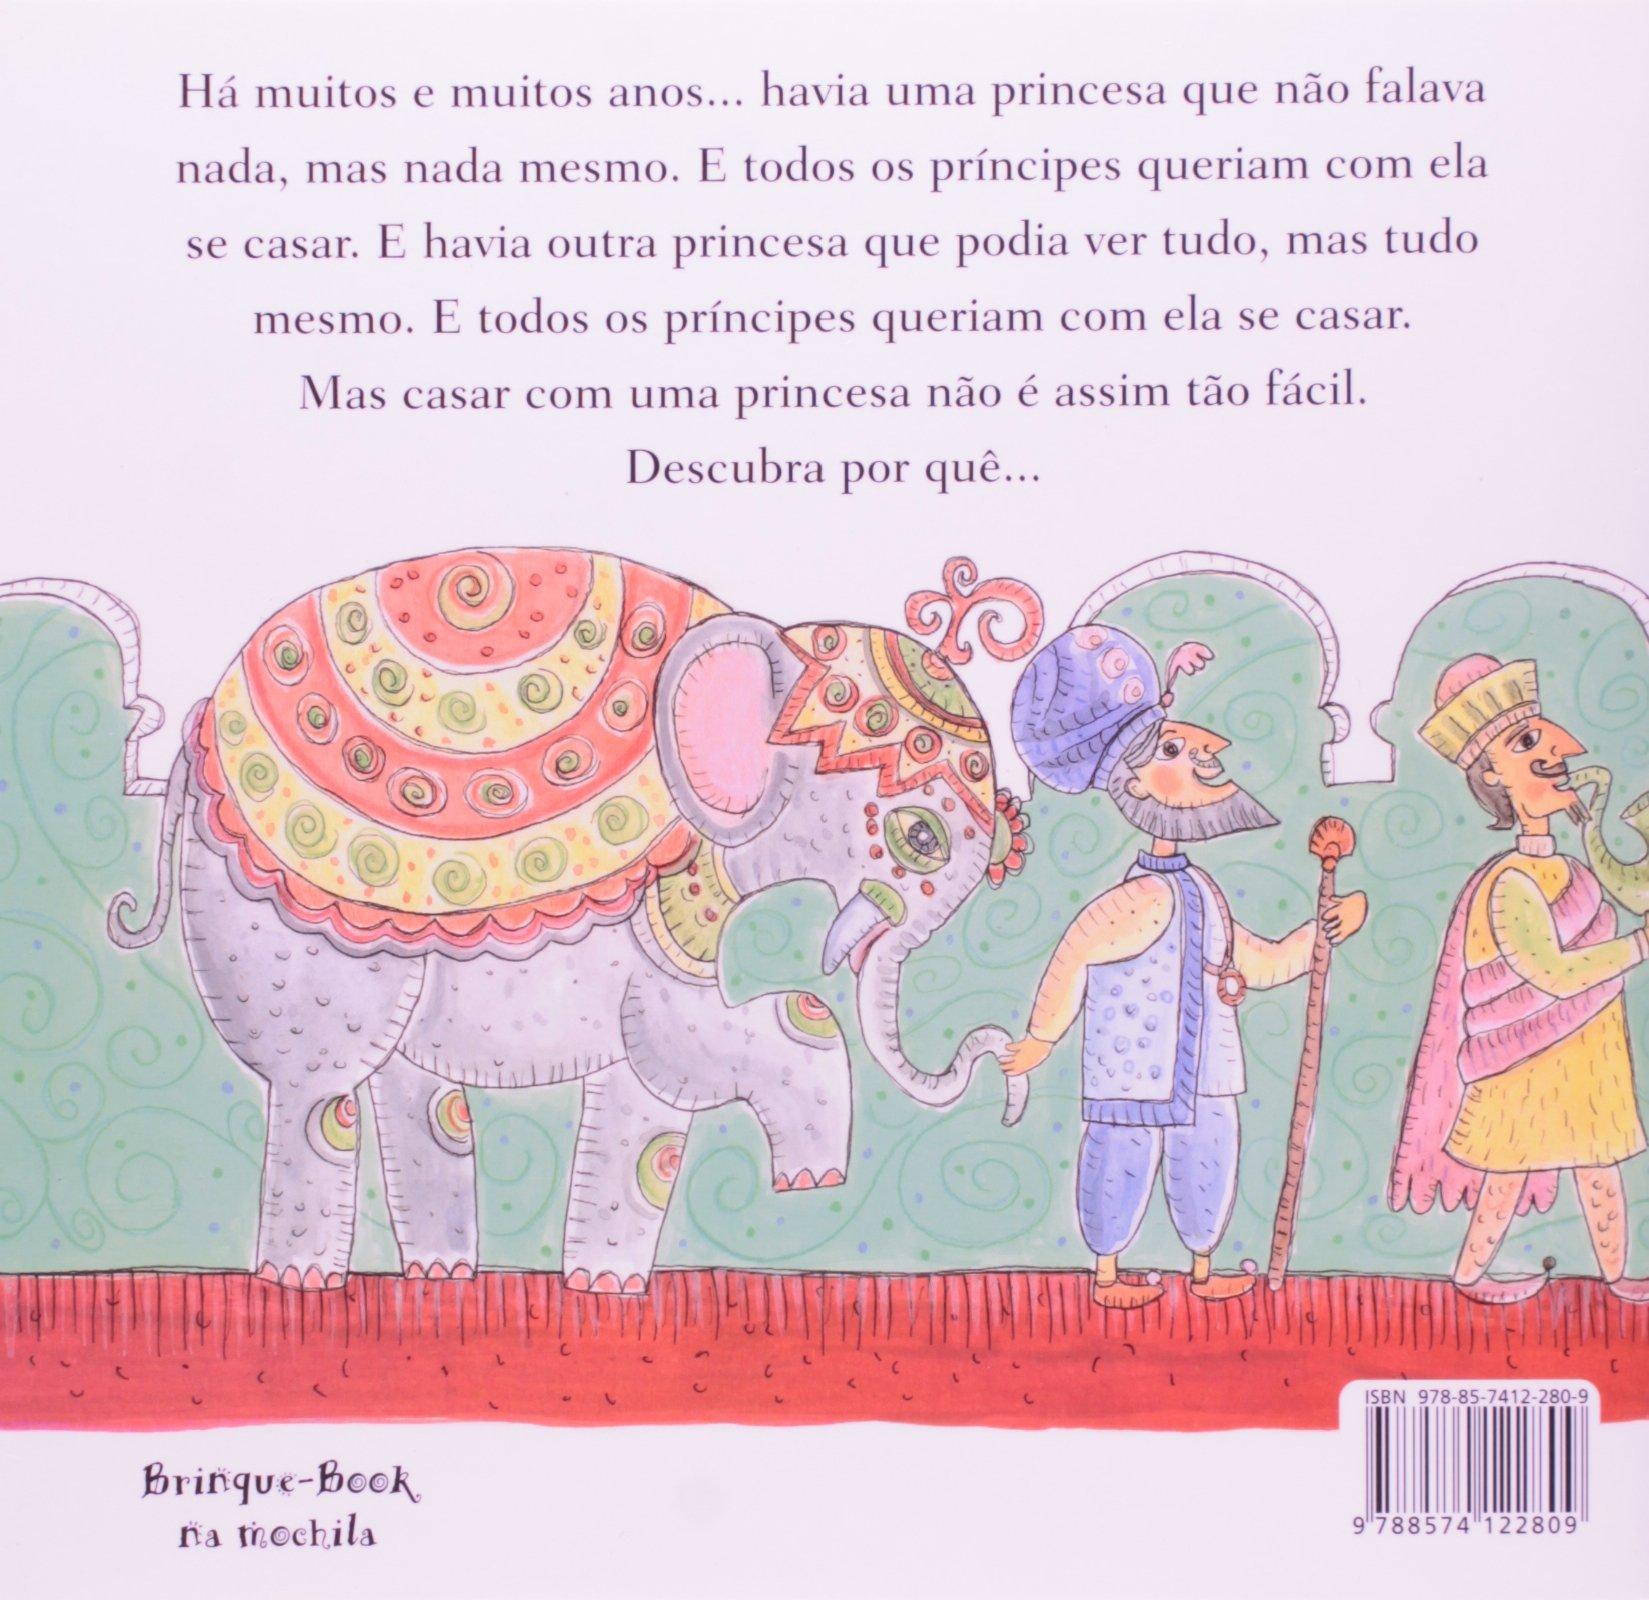 Duas Histórias de Príncipes e Princesas (Em Portuguese do Brasil): Rosane Pamplona: 9788574122809: Amazon.com: Books